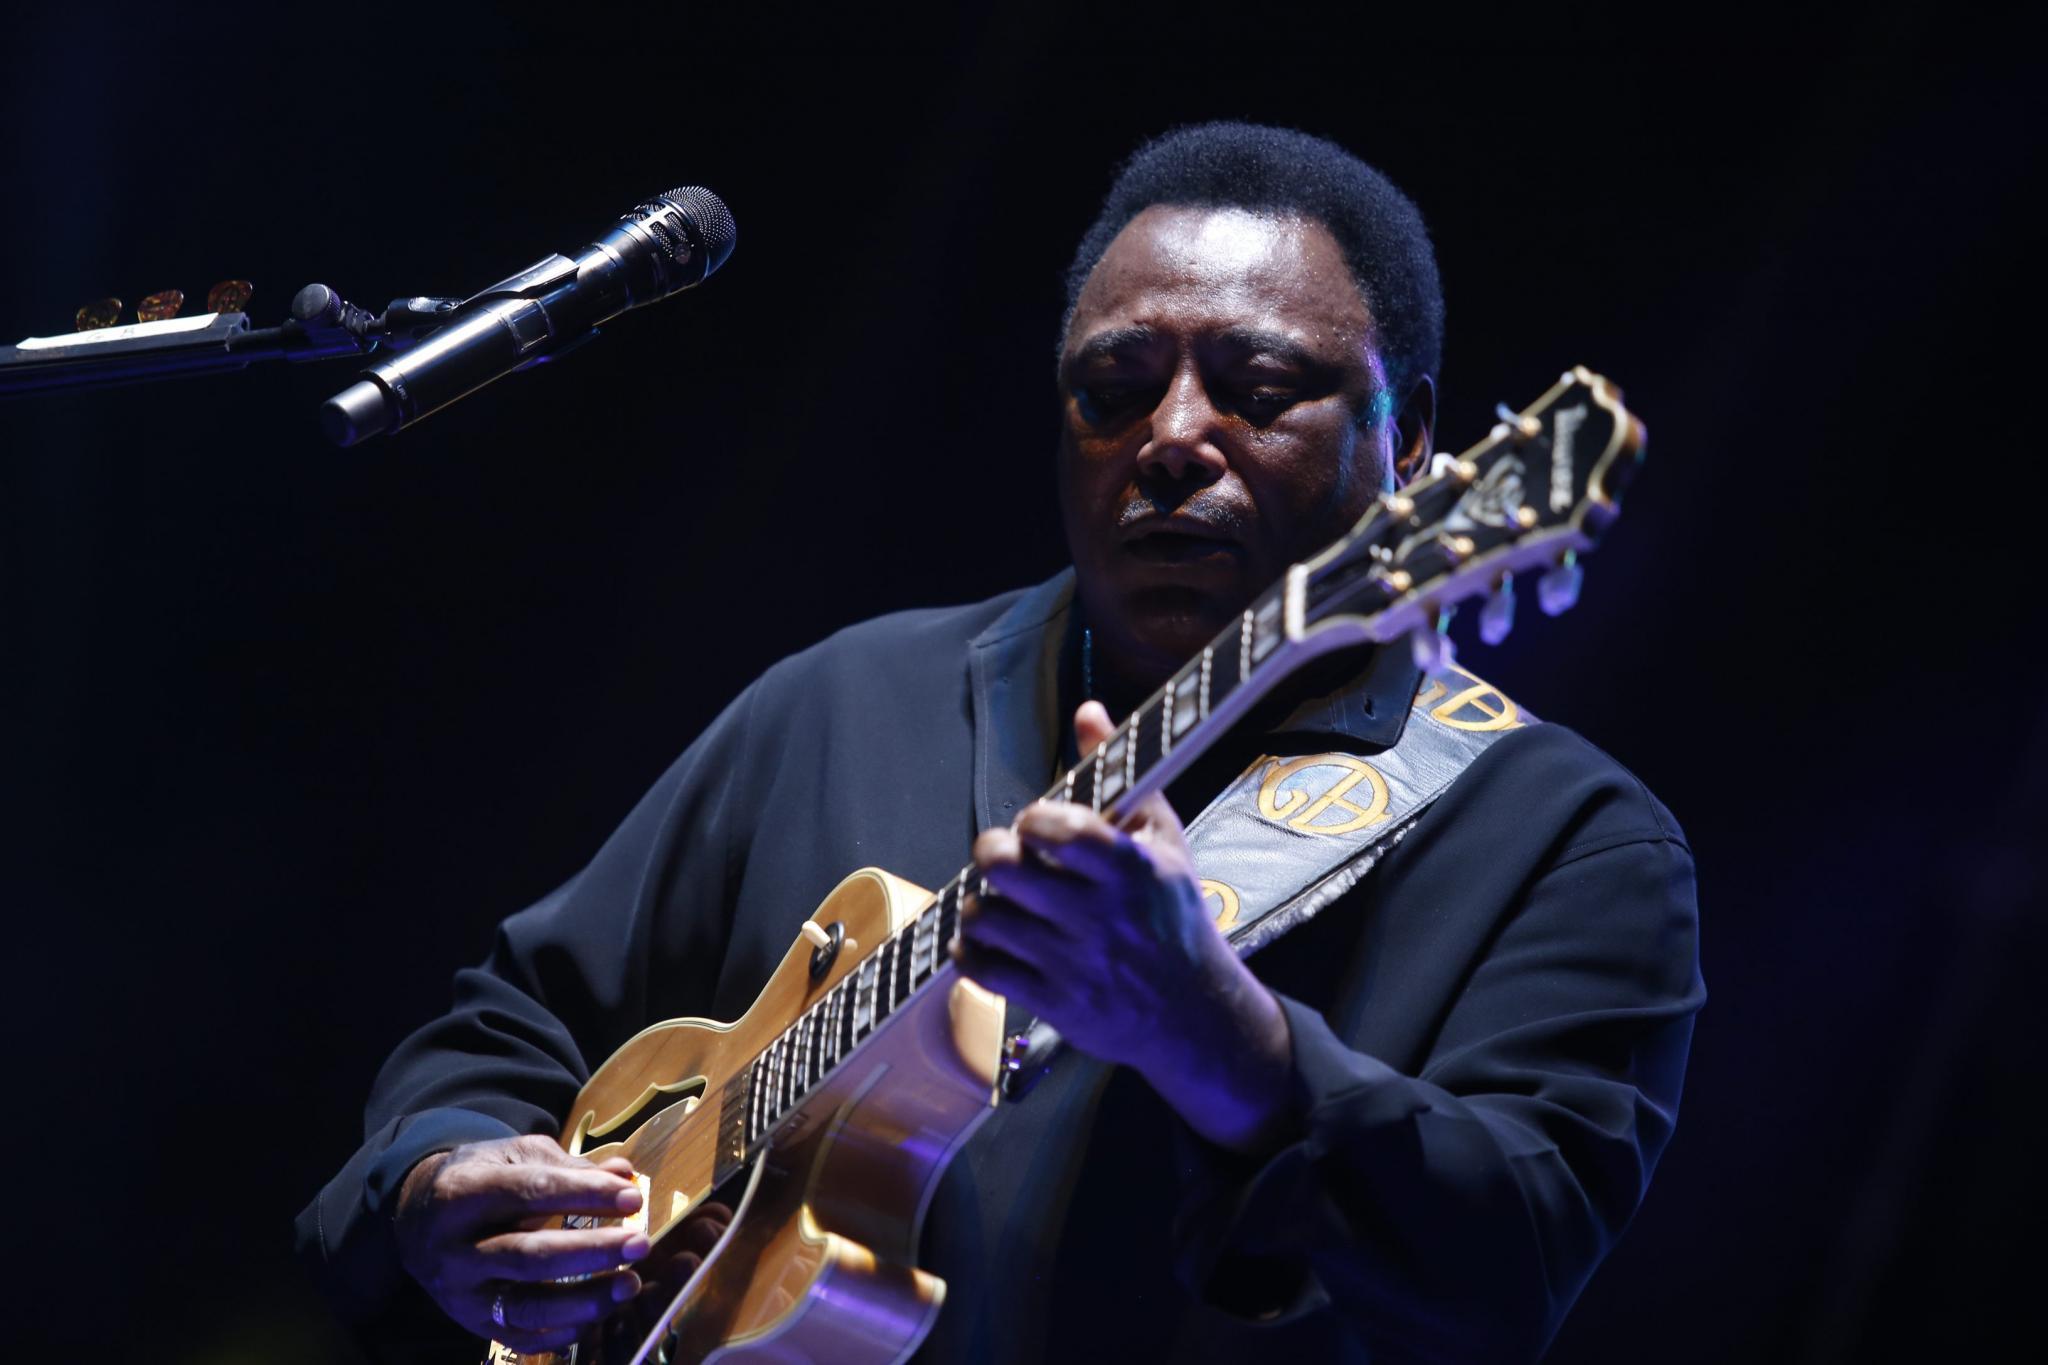 CALVIA MUSICA El guitarrista George Benson recordó anoche con sus grandes éxitos en Port Adriano.